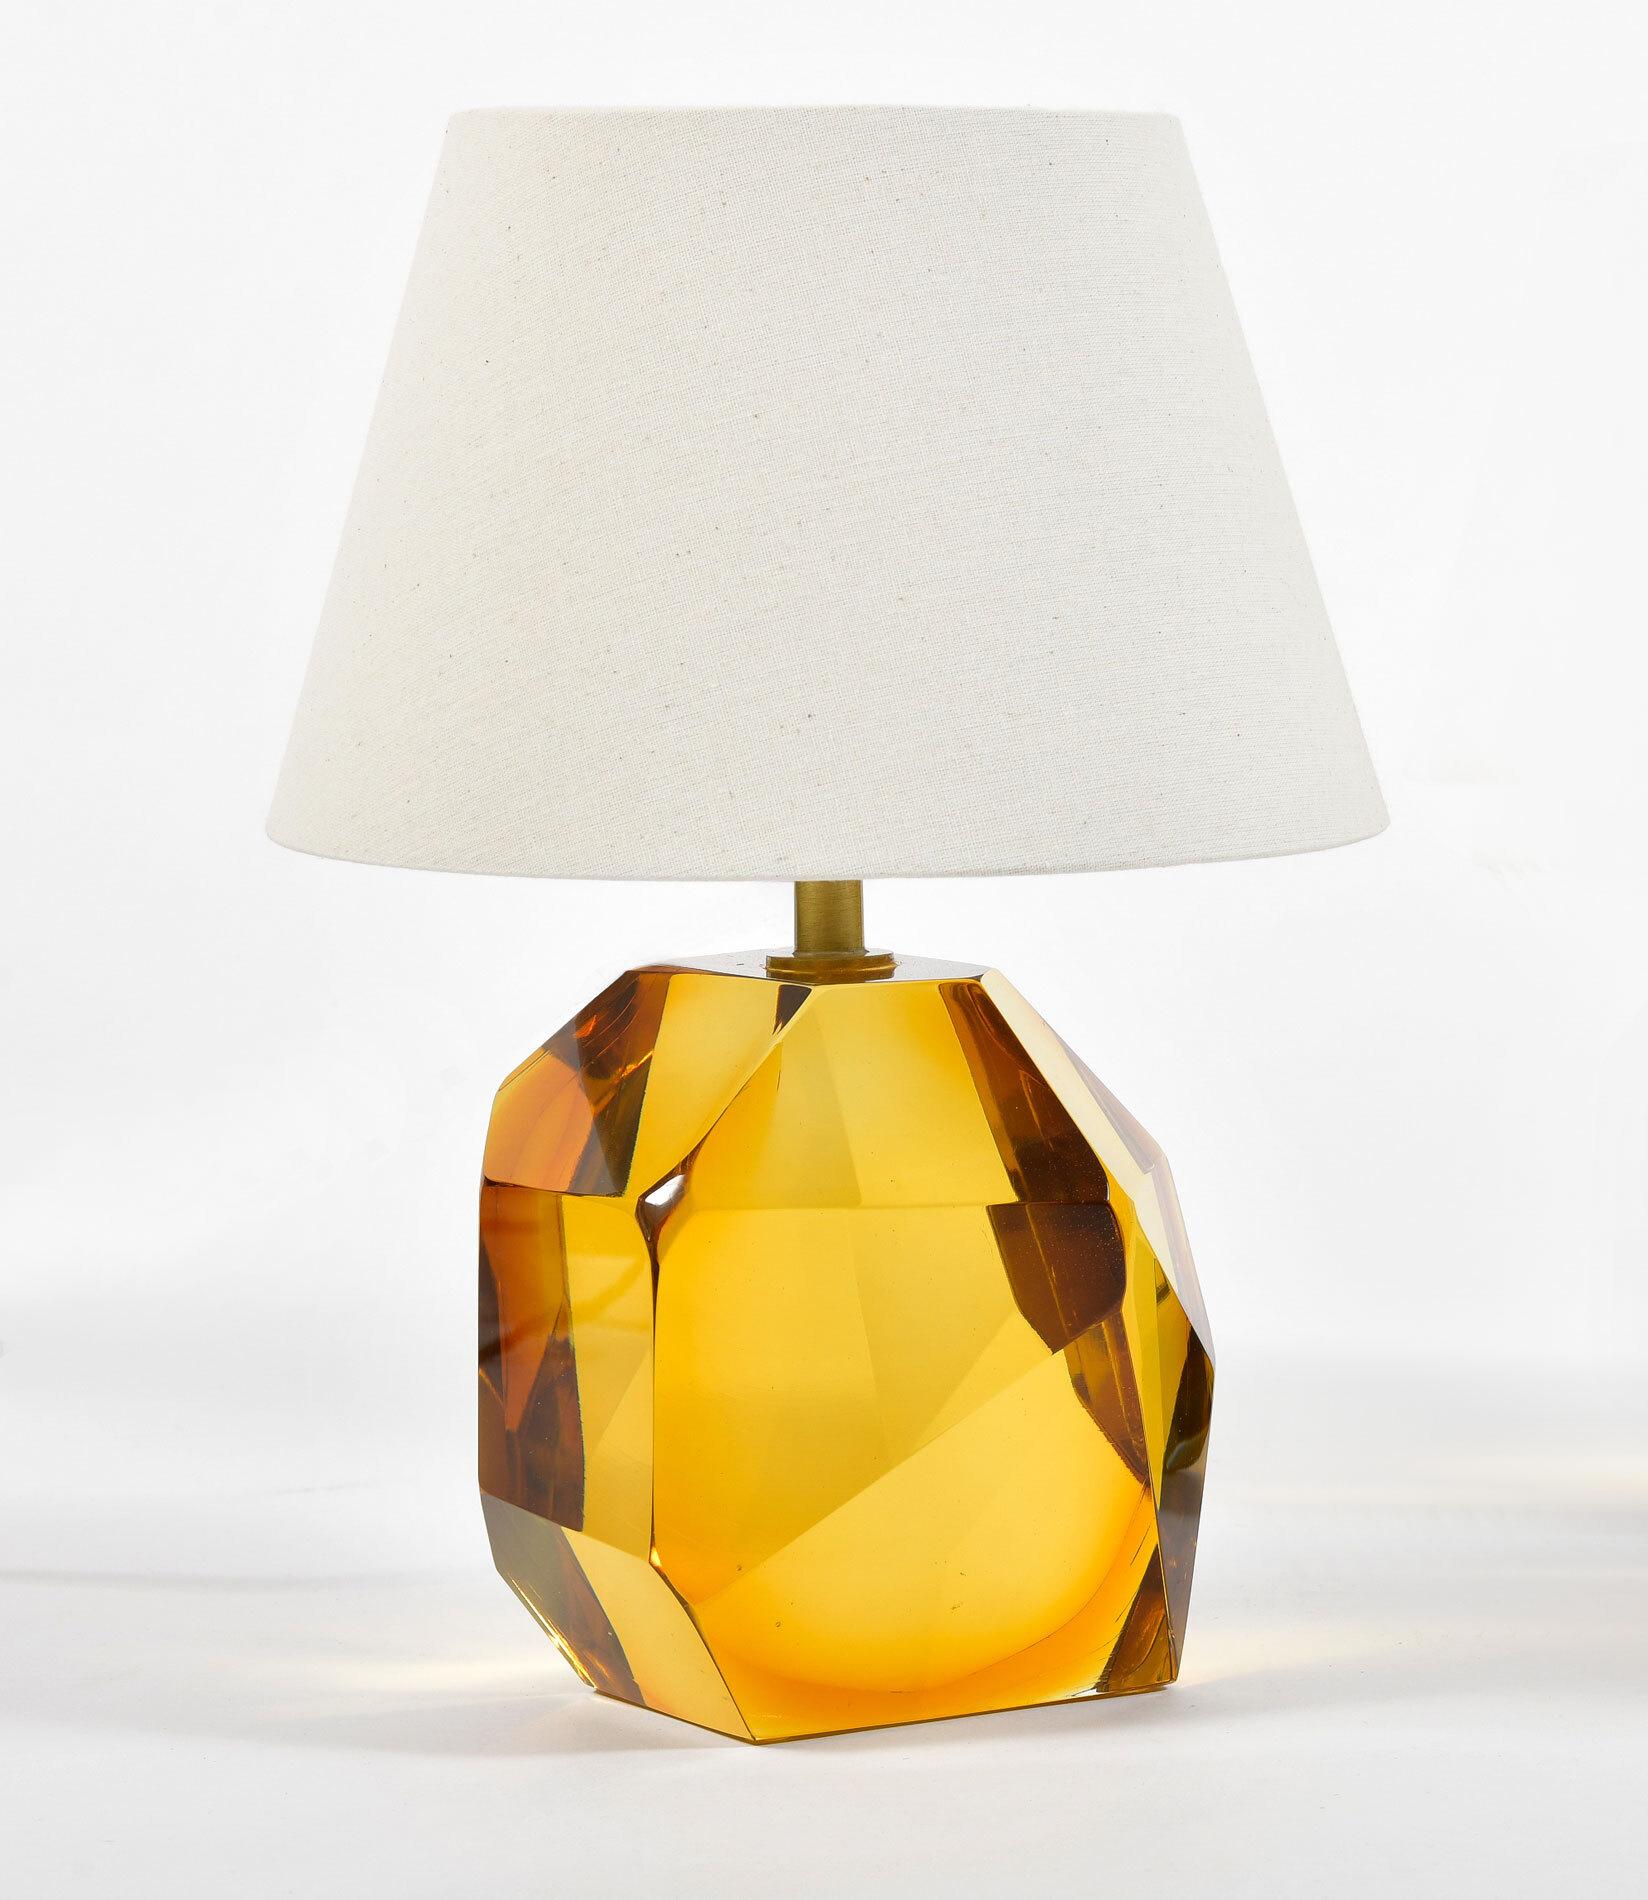 Pair Of Amber Rock Lamps 02